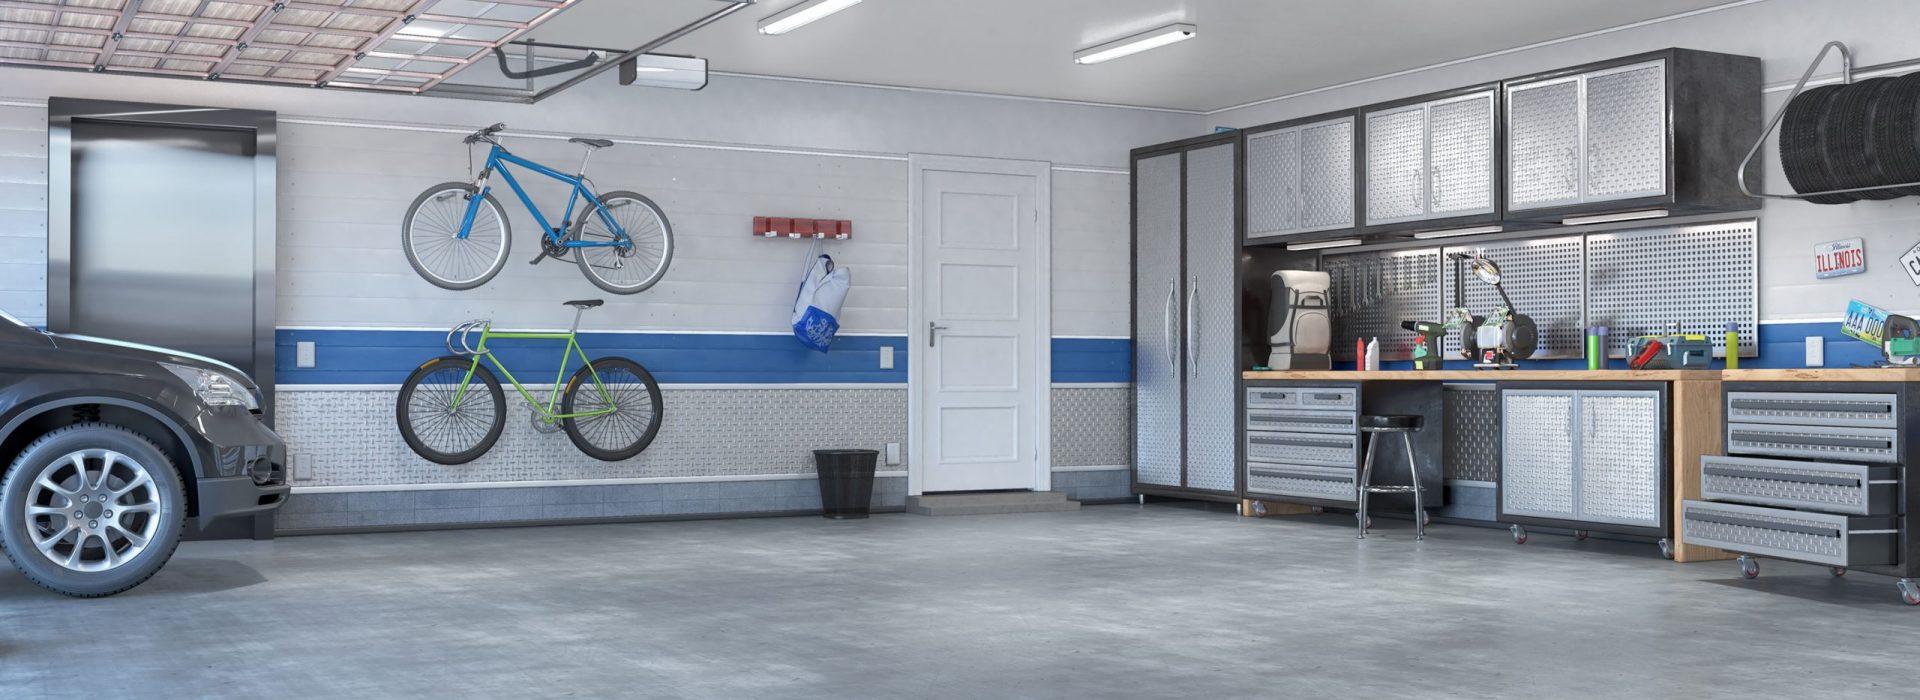 Lattiapinnoitukset • Kotitaloudet - Autotallit | Team Suikki - Turku